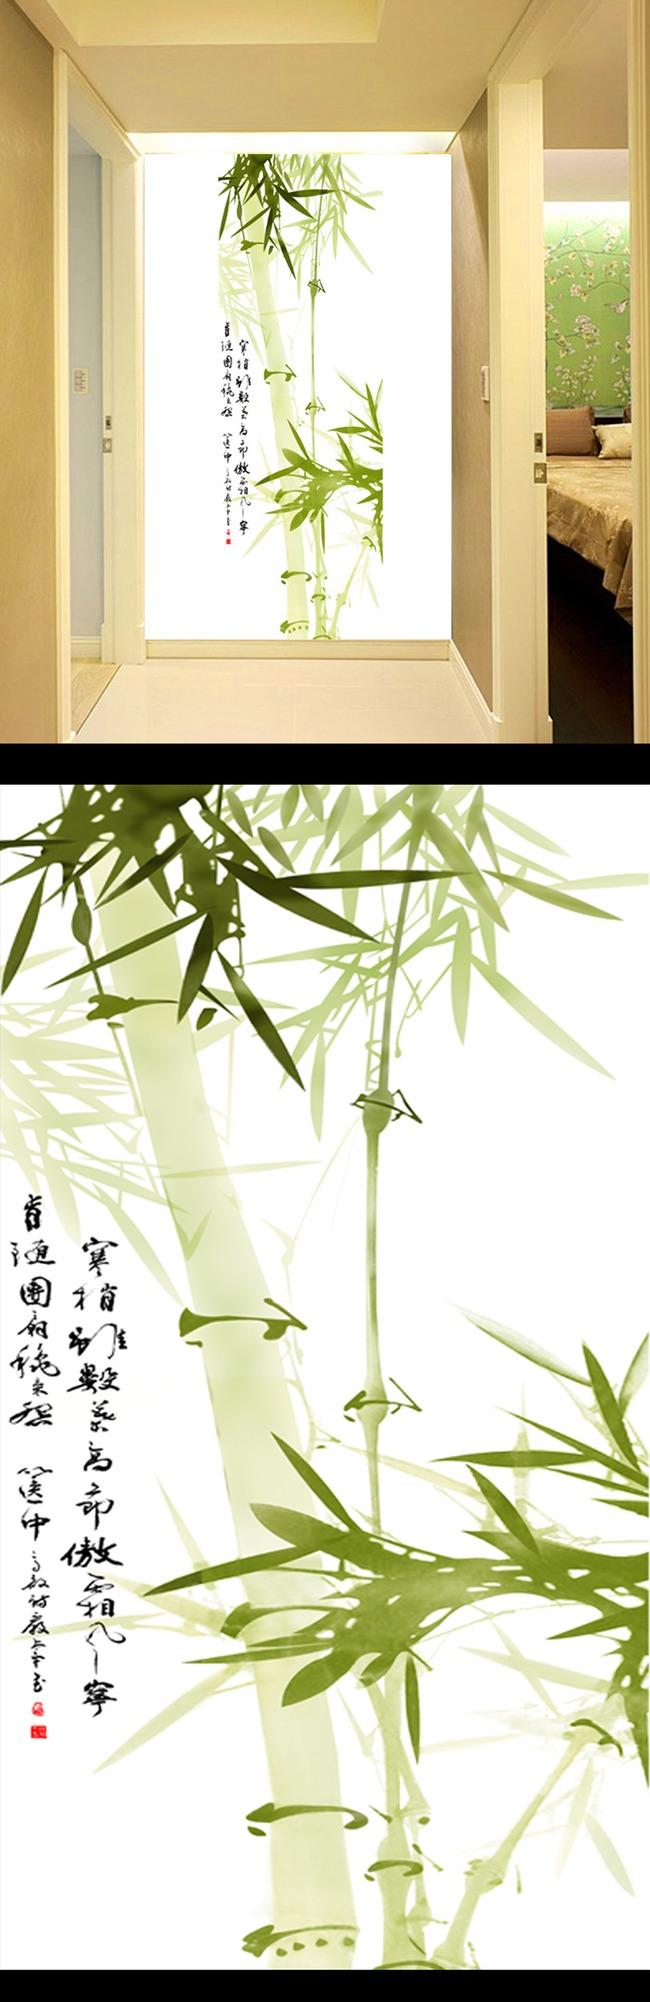 玄关背景素材 走廊竹子背景墙 走廊挂画 走廊墙面竹子图